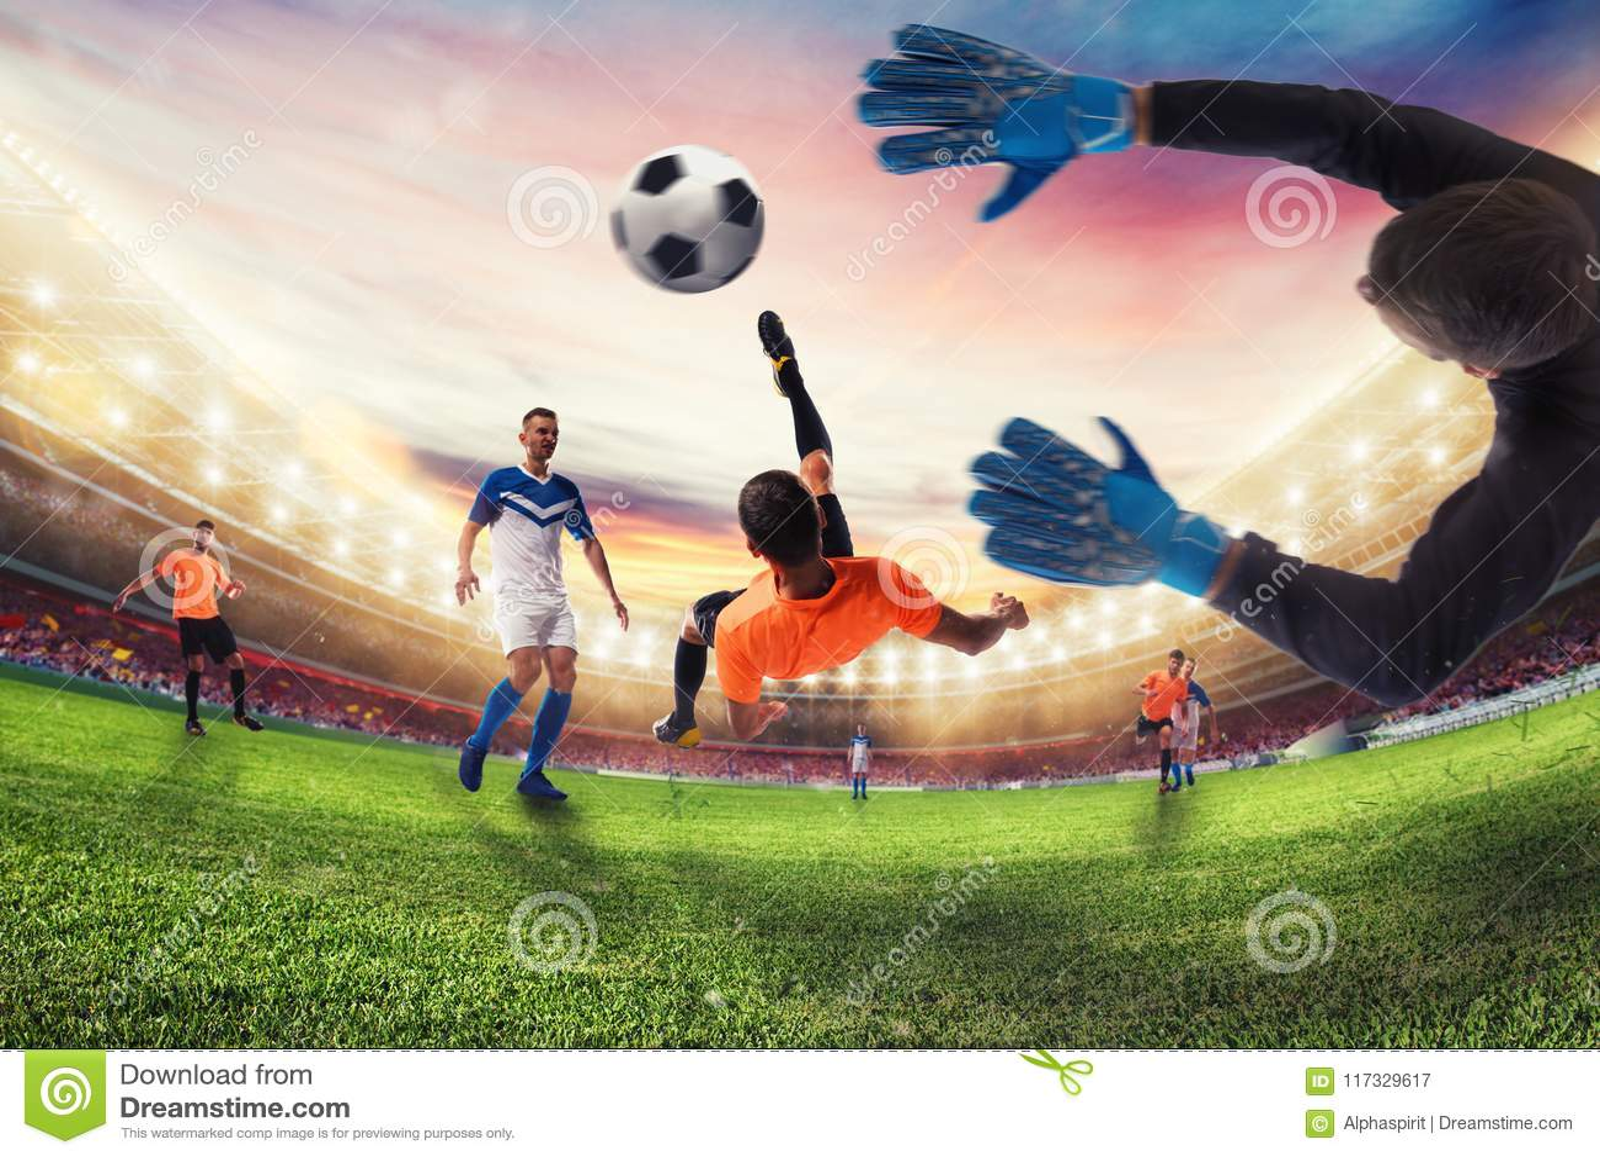 Piłka nożna strajkowicz uderza piłkę z akrobatycznym rowerowym kopnięciem świadczenia 3 d